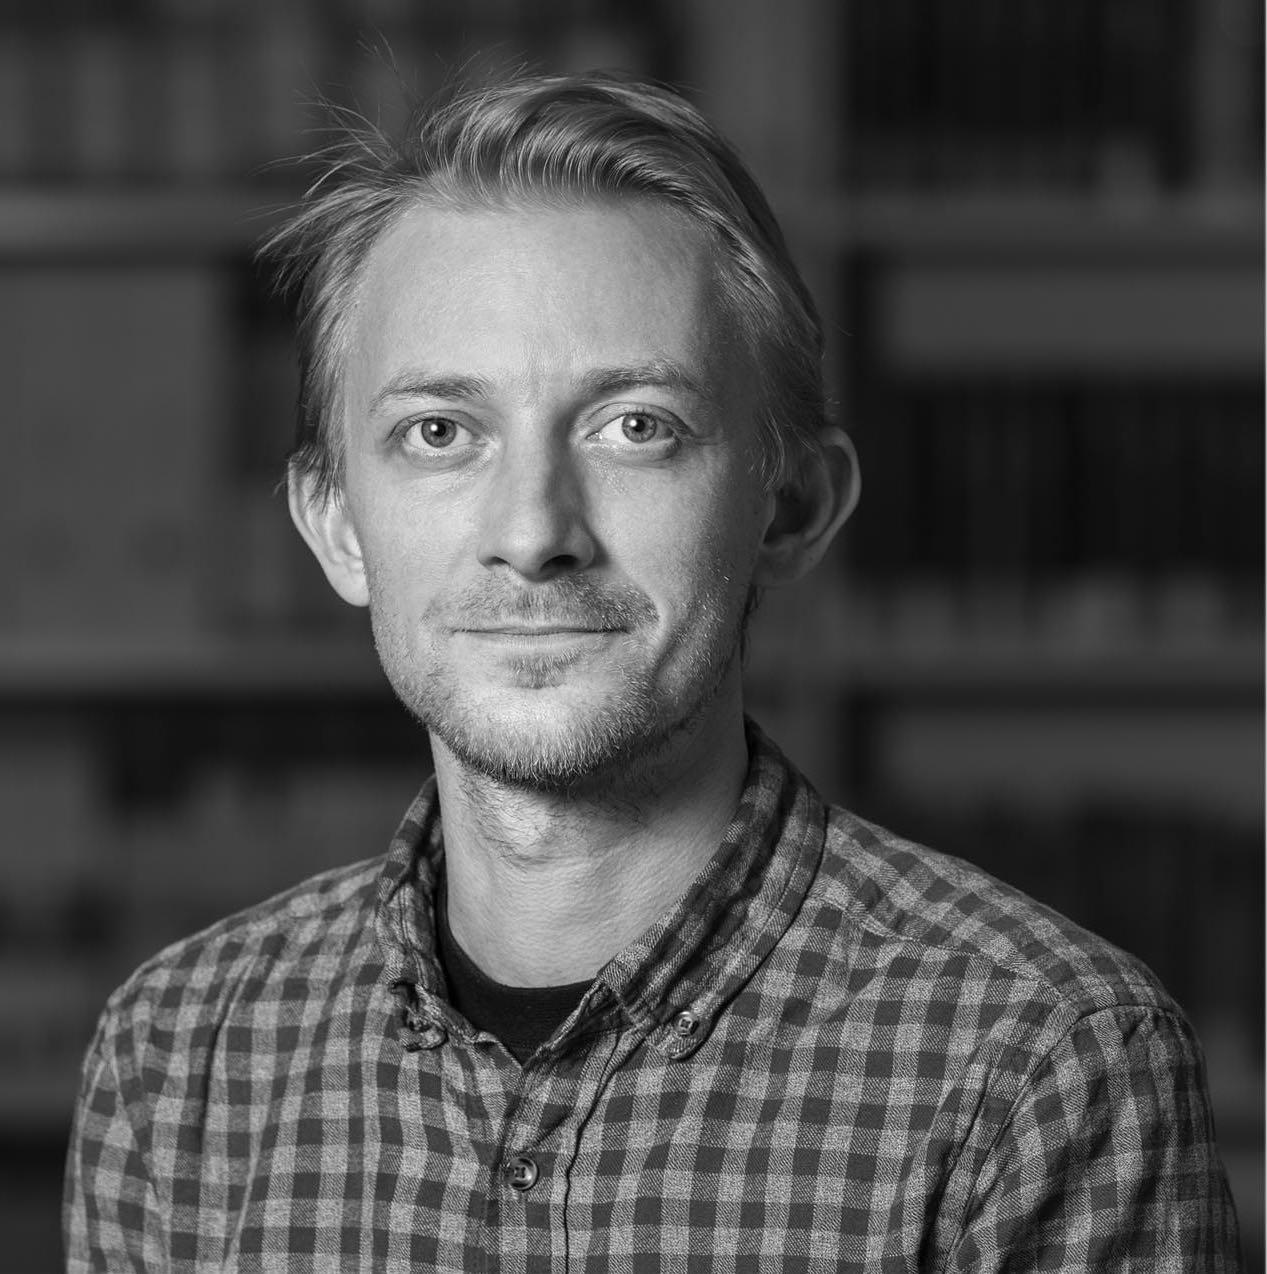 Martin Demant Frederiksen